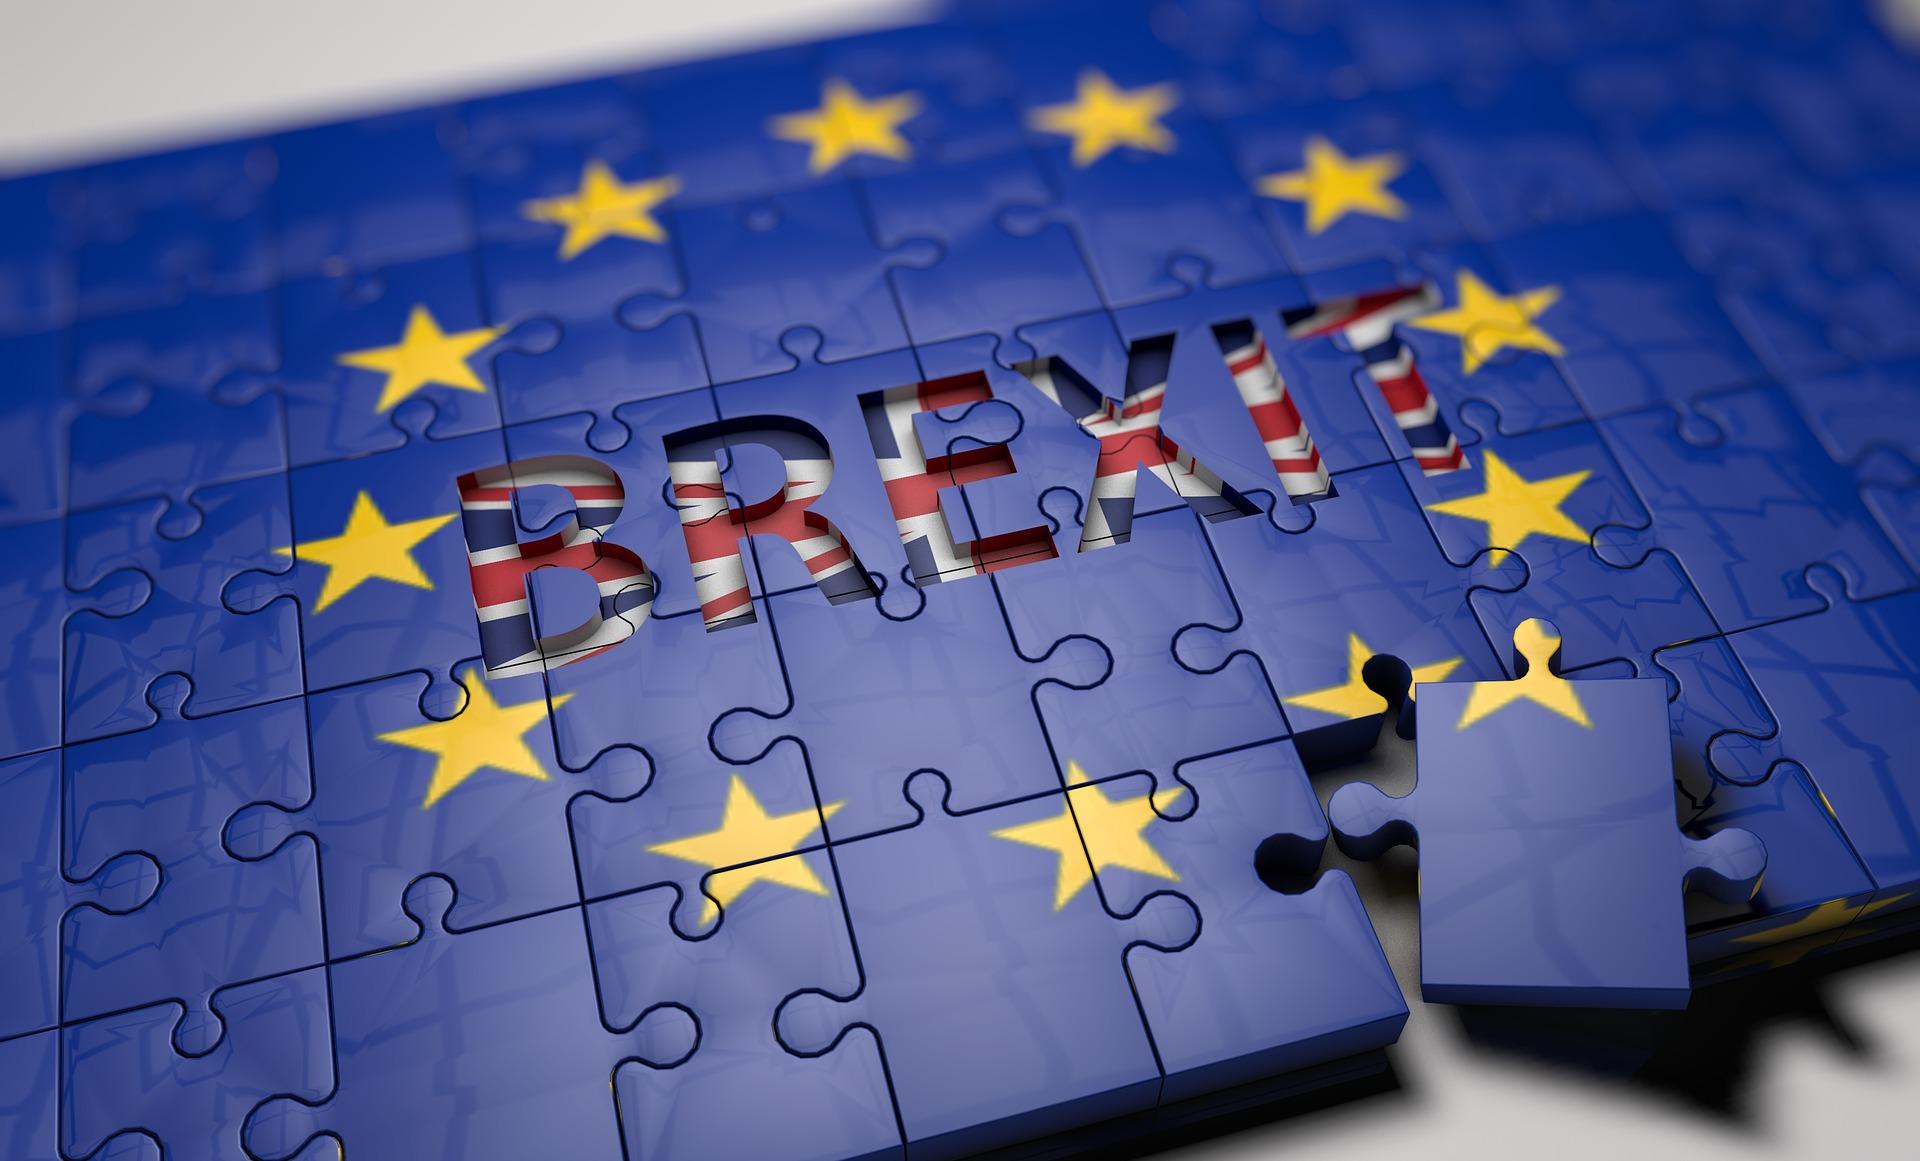 Brexit image